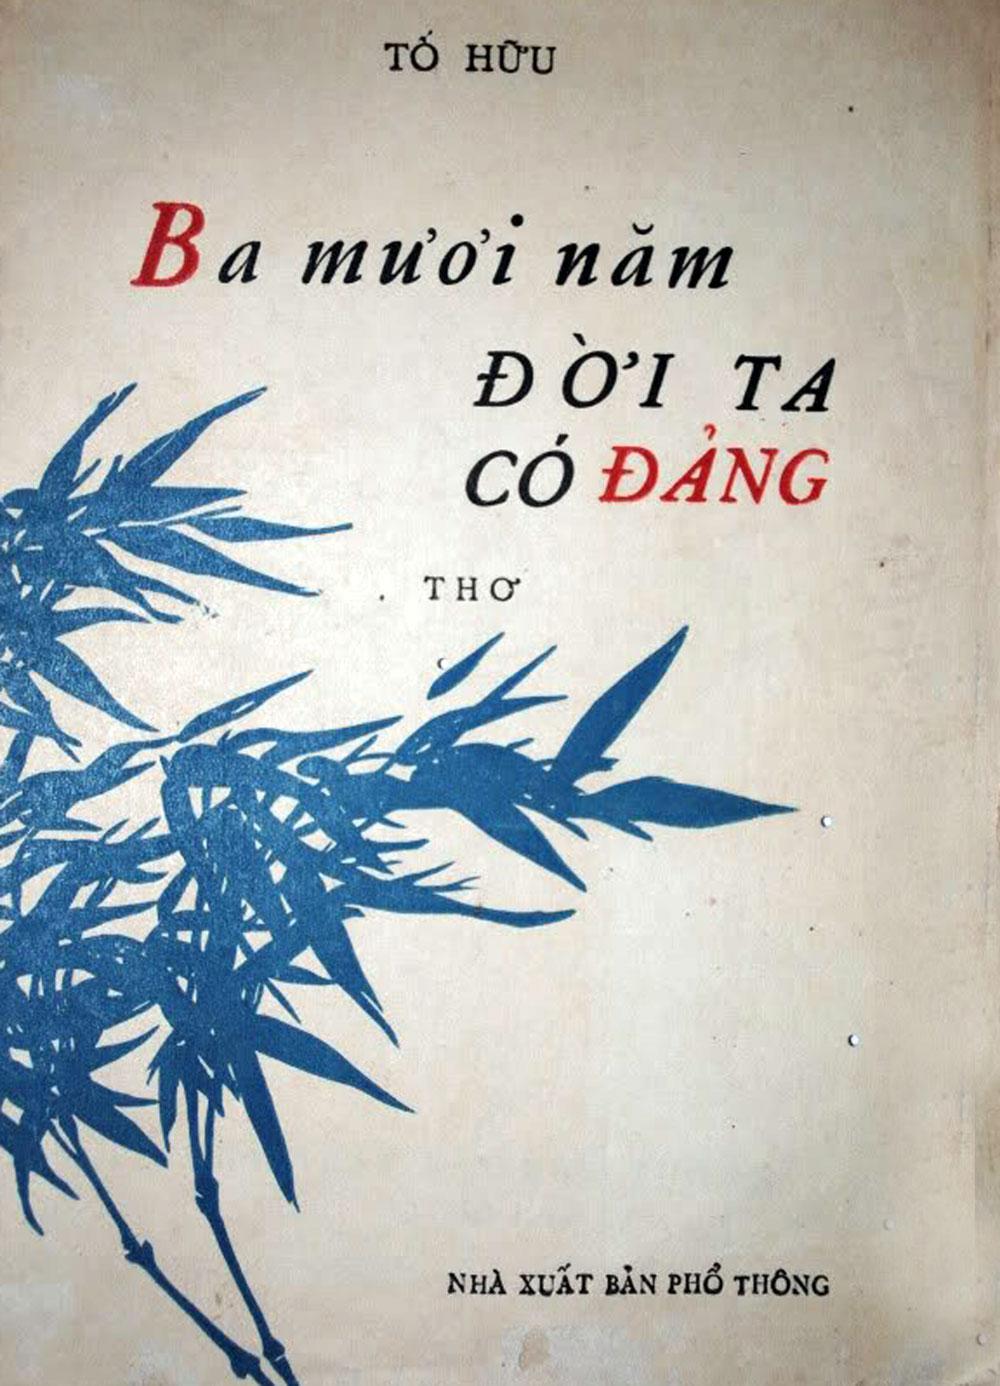 Bài thơ Ba mươi năm đời ta có Đảng trong tập thơ Gió lộng.